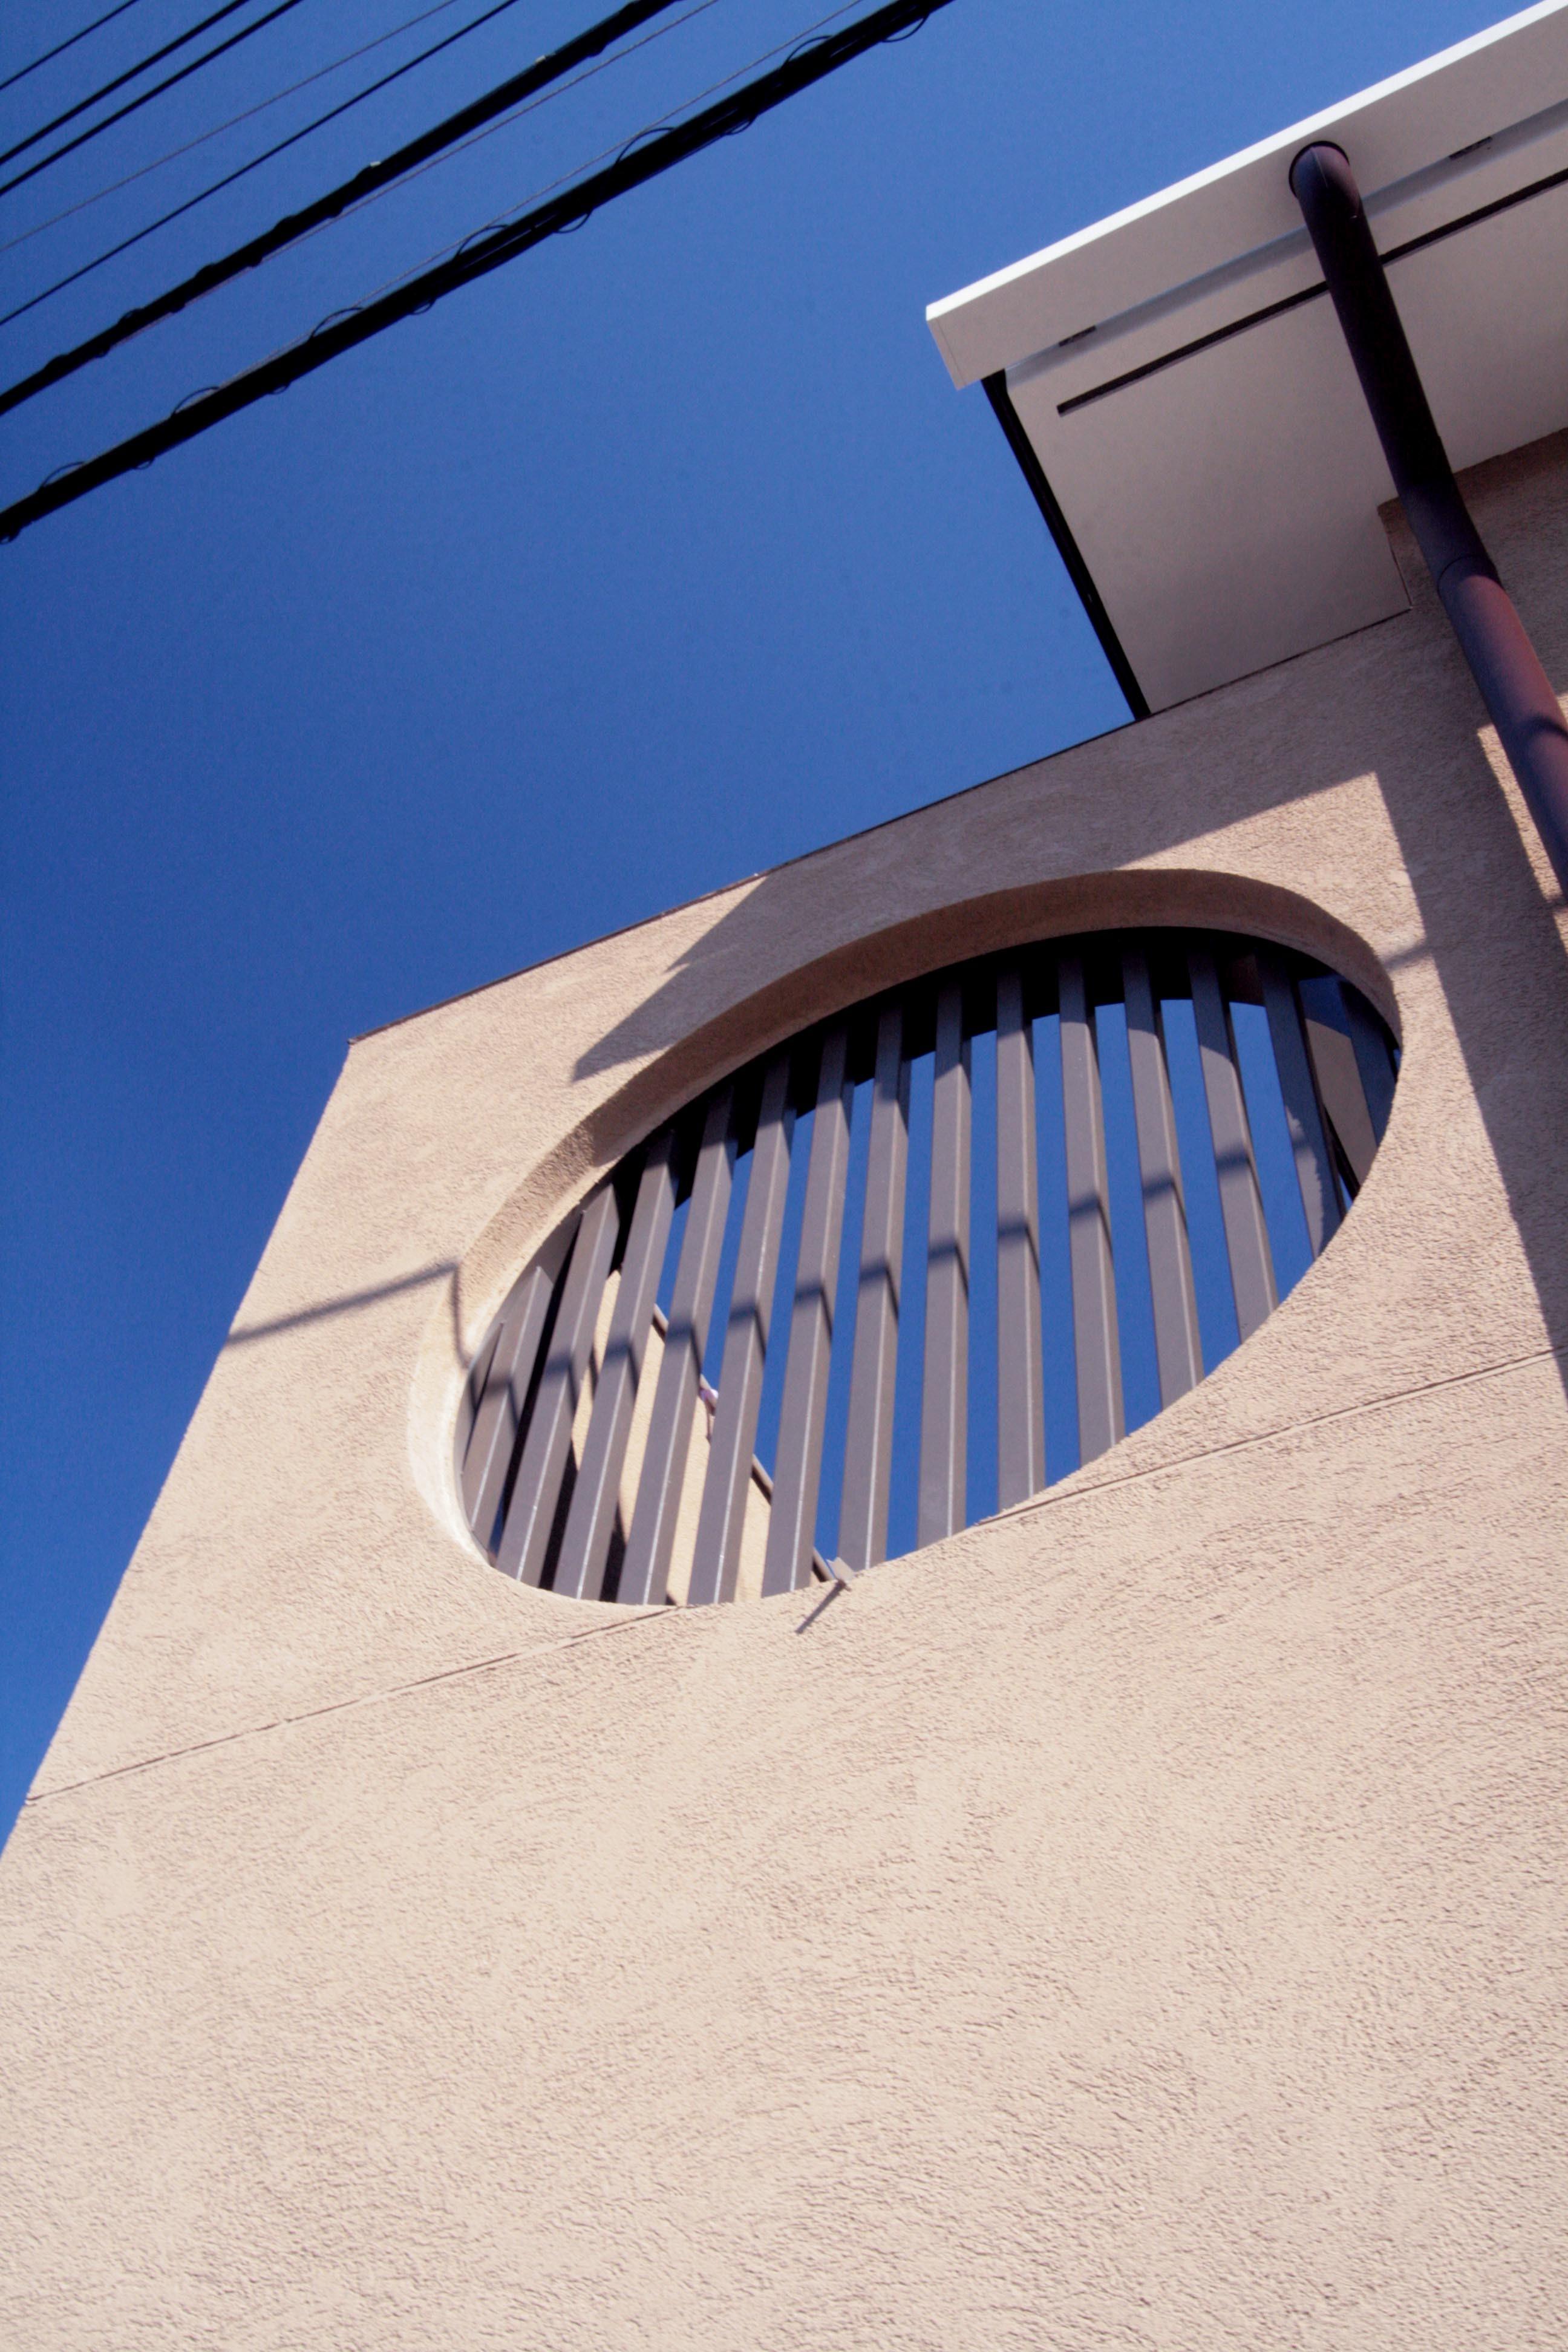 外観事例:外観(左官による外壁と格子付の円形開口)(大泉学園の家(薪ストーブを設けた吹抜けを中心とした自然素材の家))